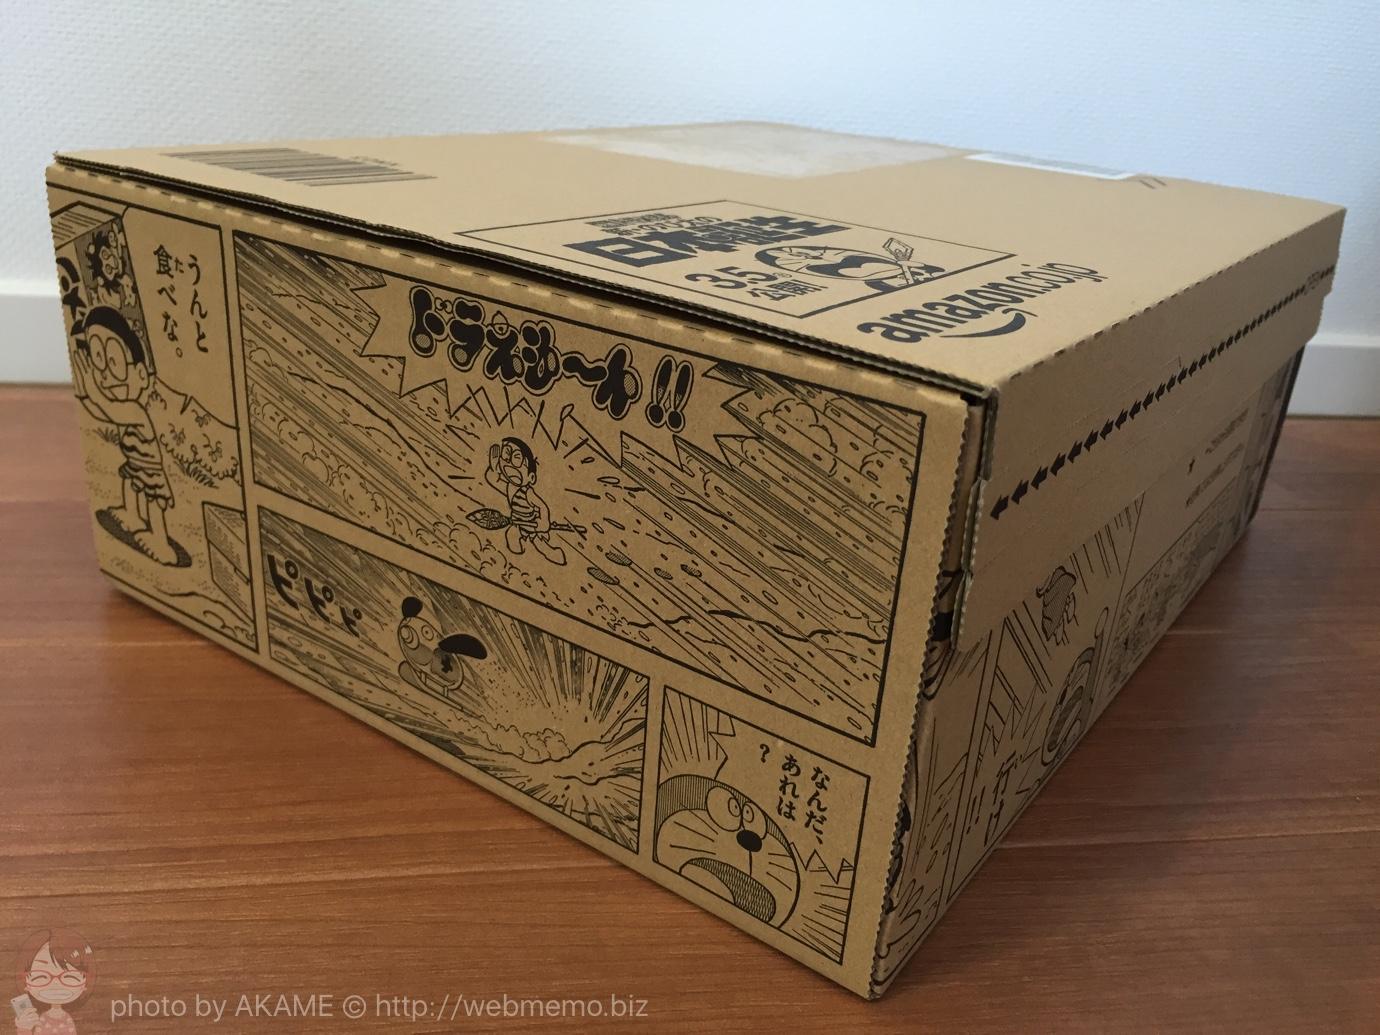 Amazon ドラえもんボックス